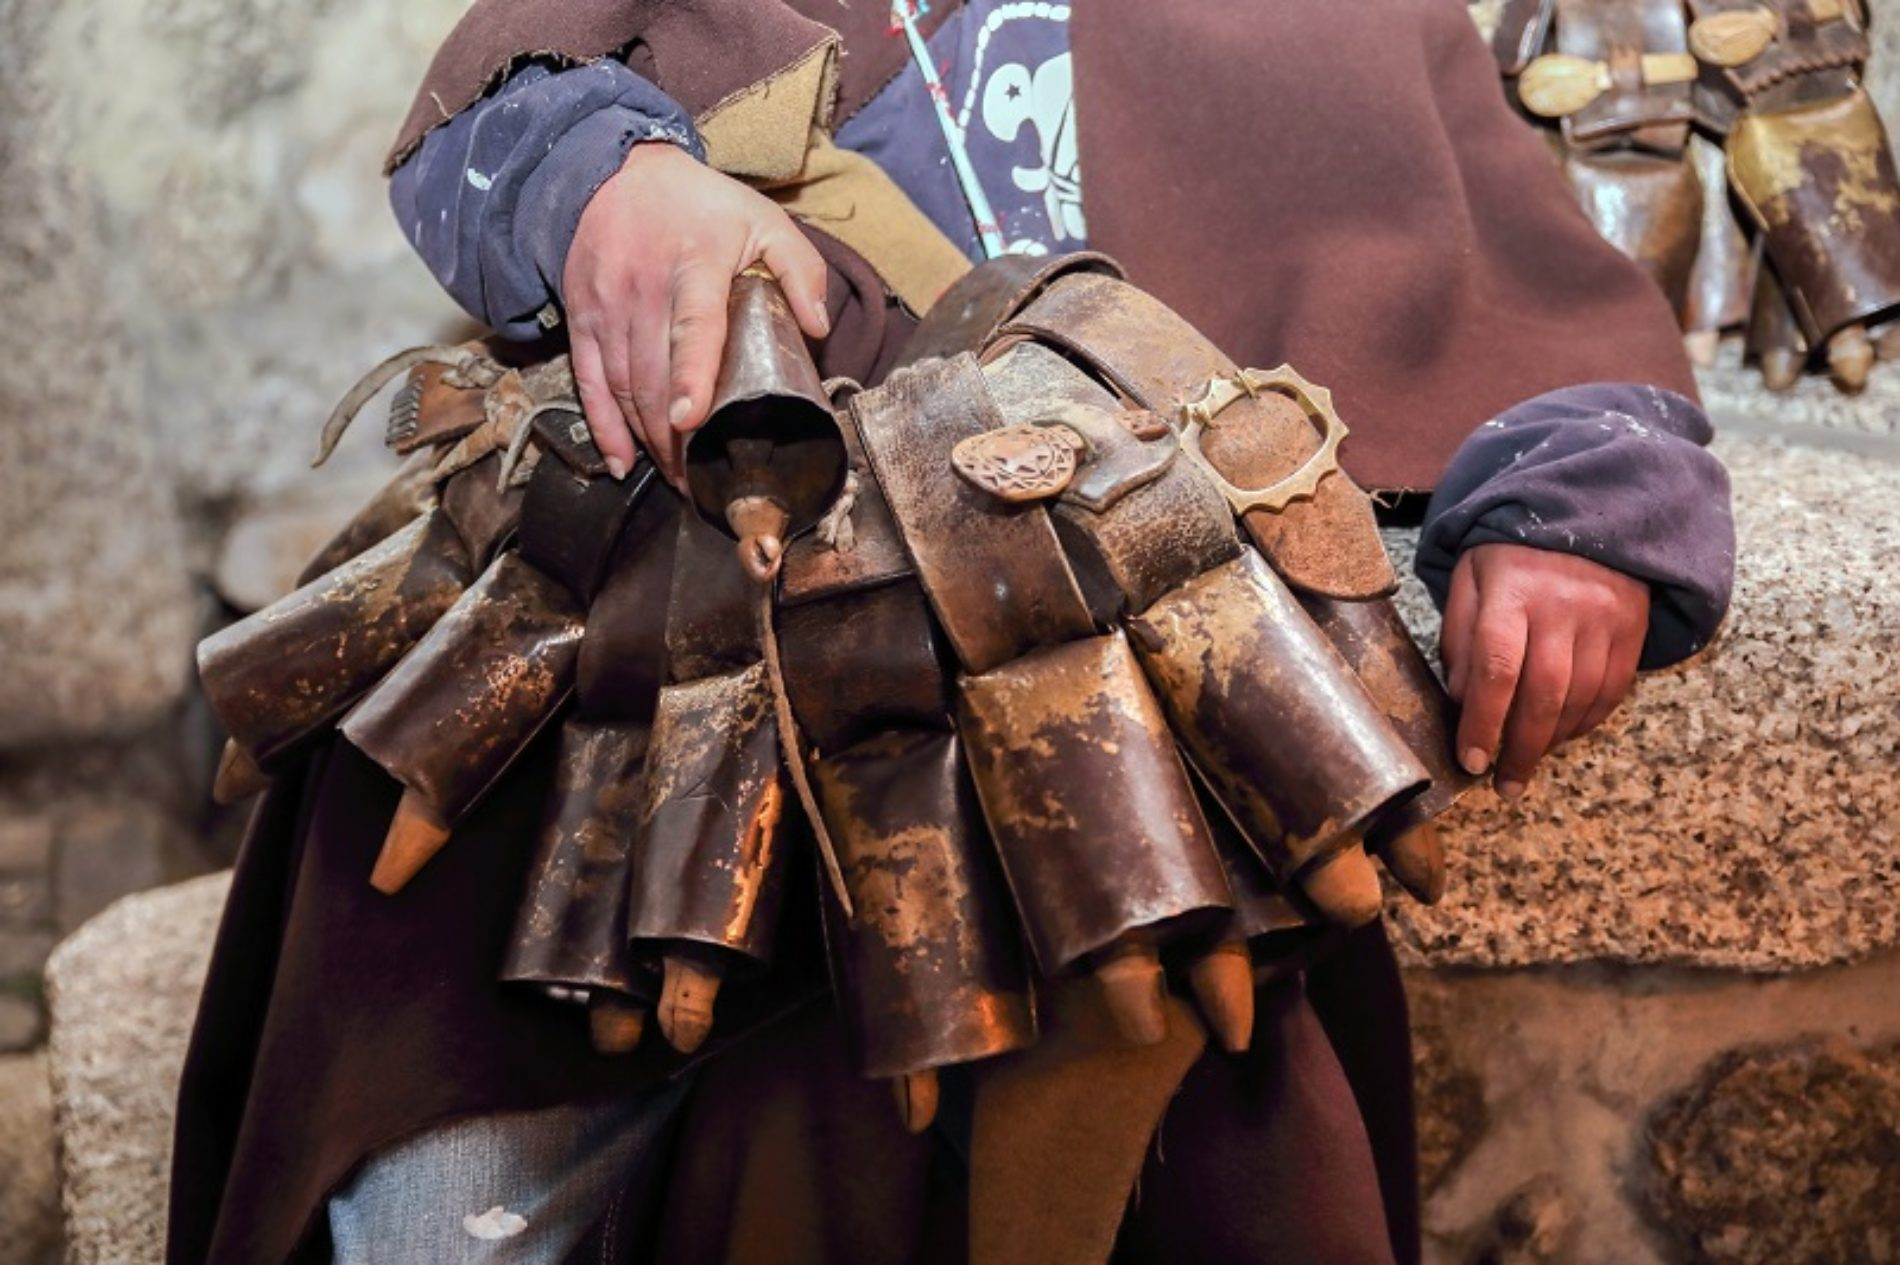 Pastores de Loriga mantêm tradição secular das chocalhadas de São Martinho